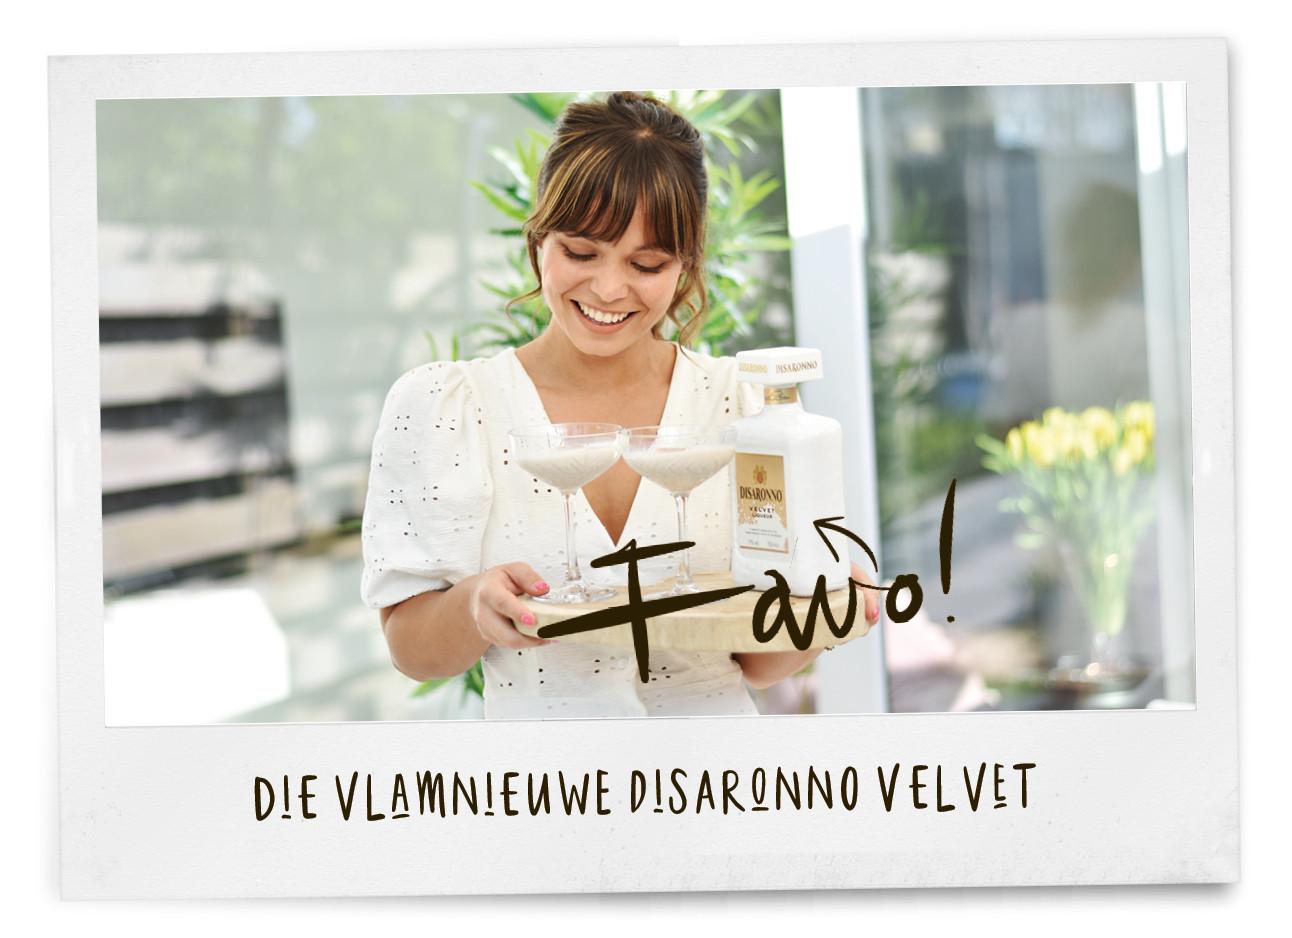 Kiki lachend met Disaronno Velvet cocktail in haar handen